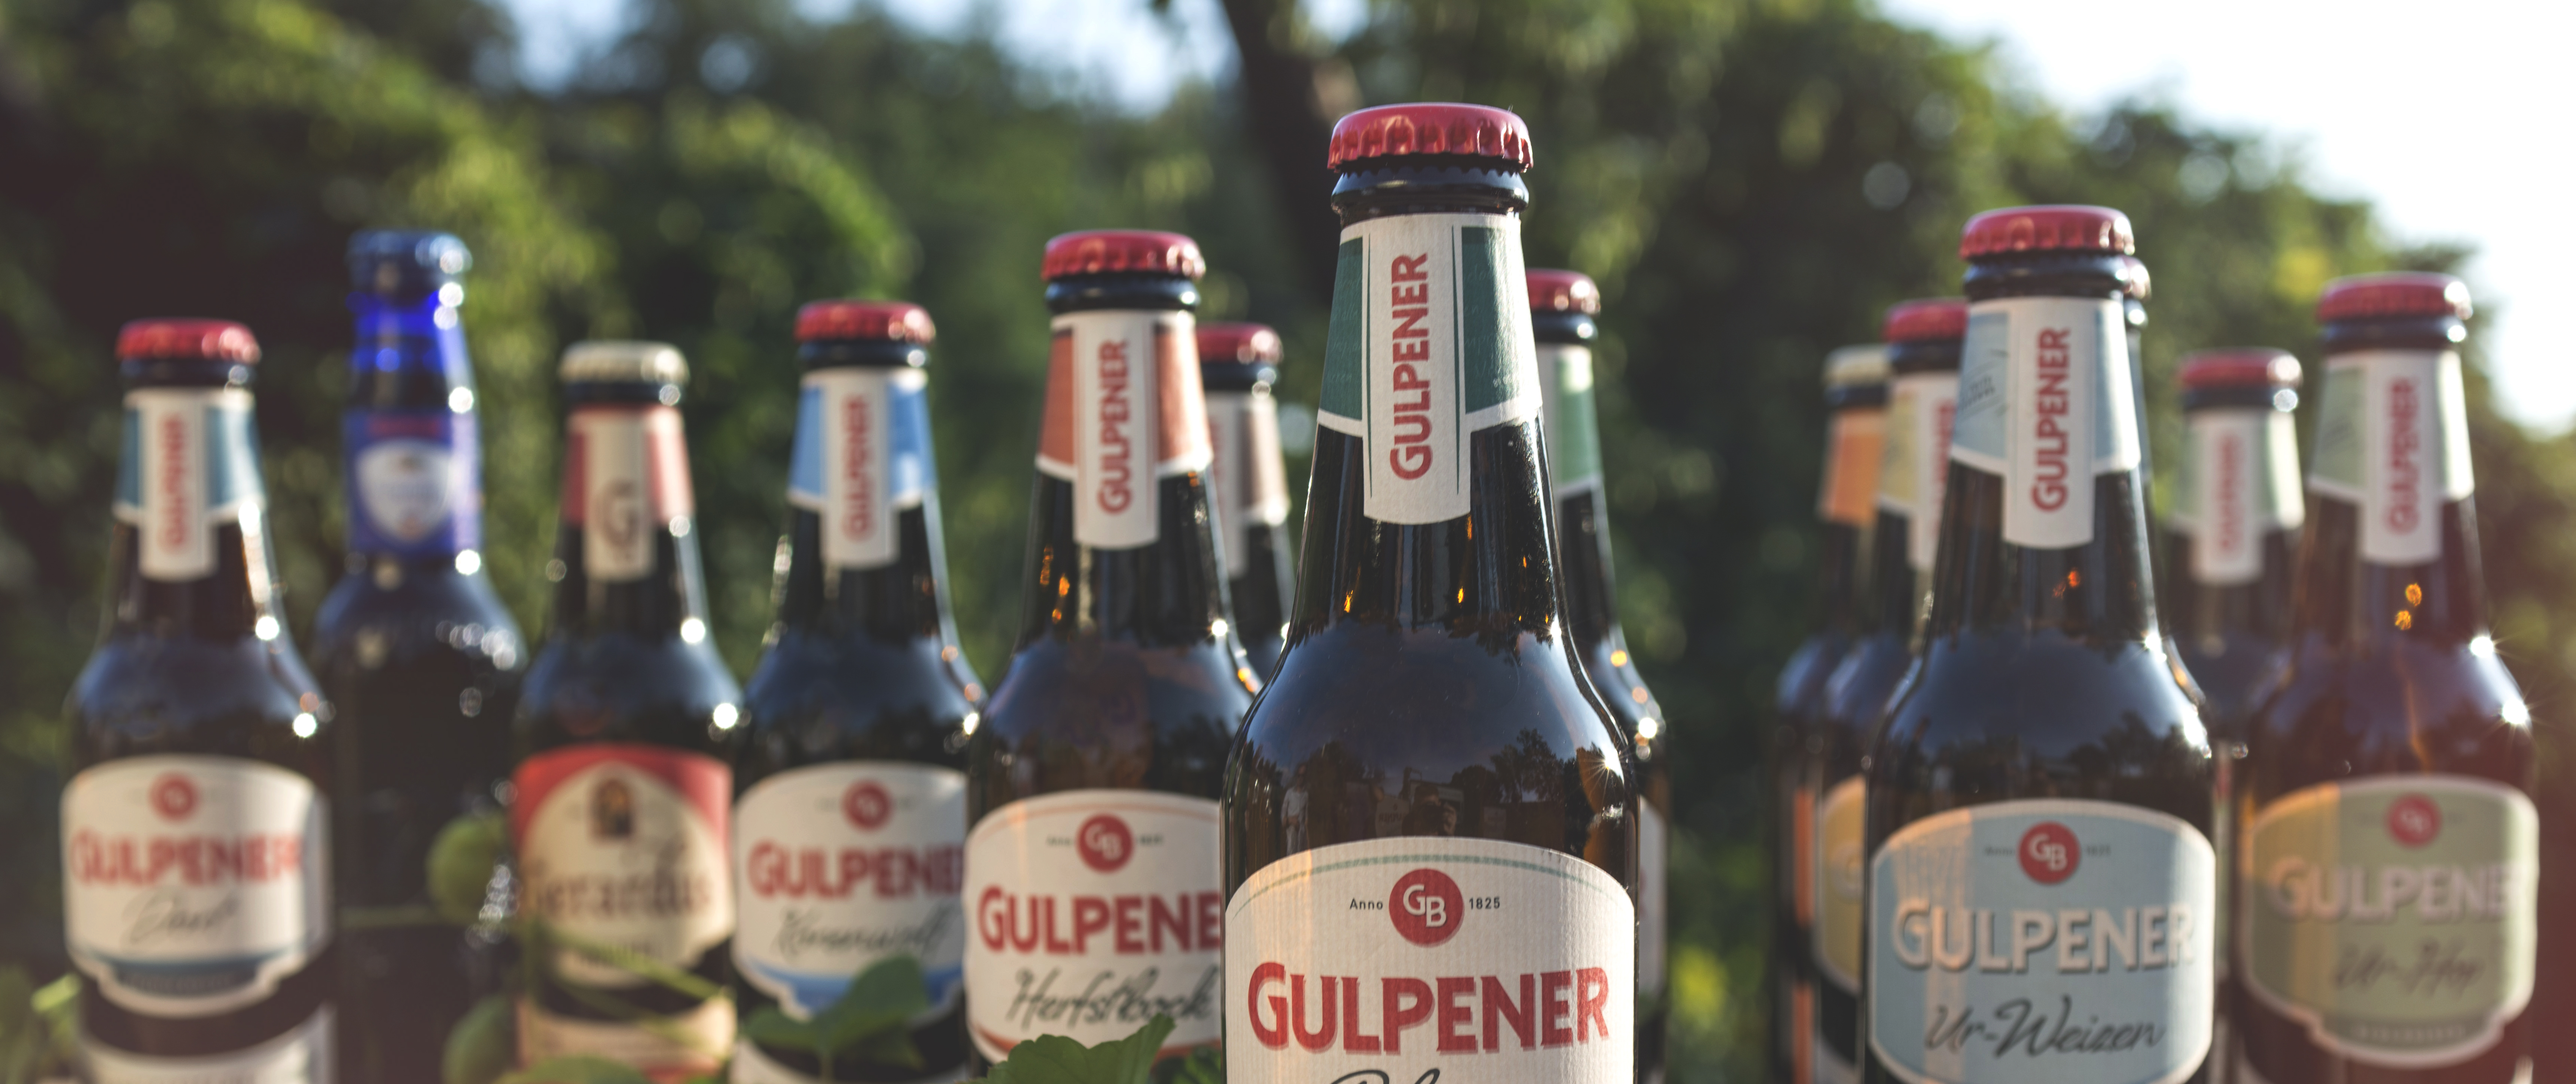 Gulpener